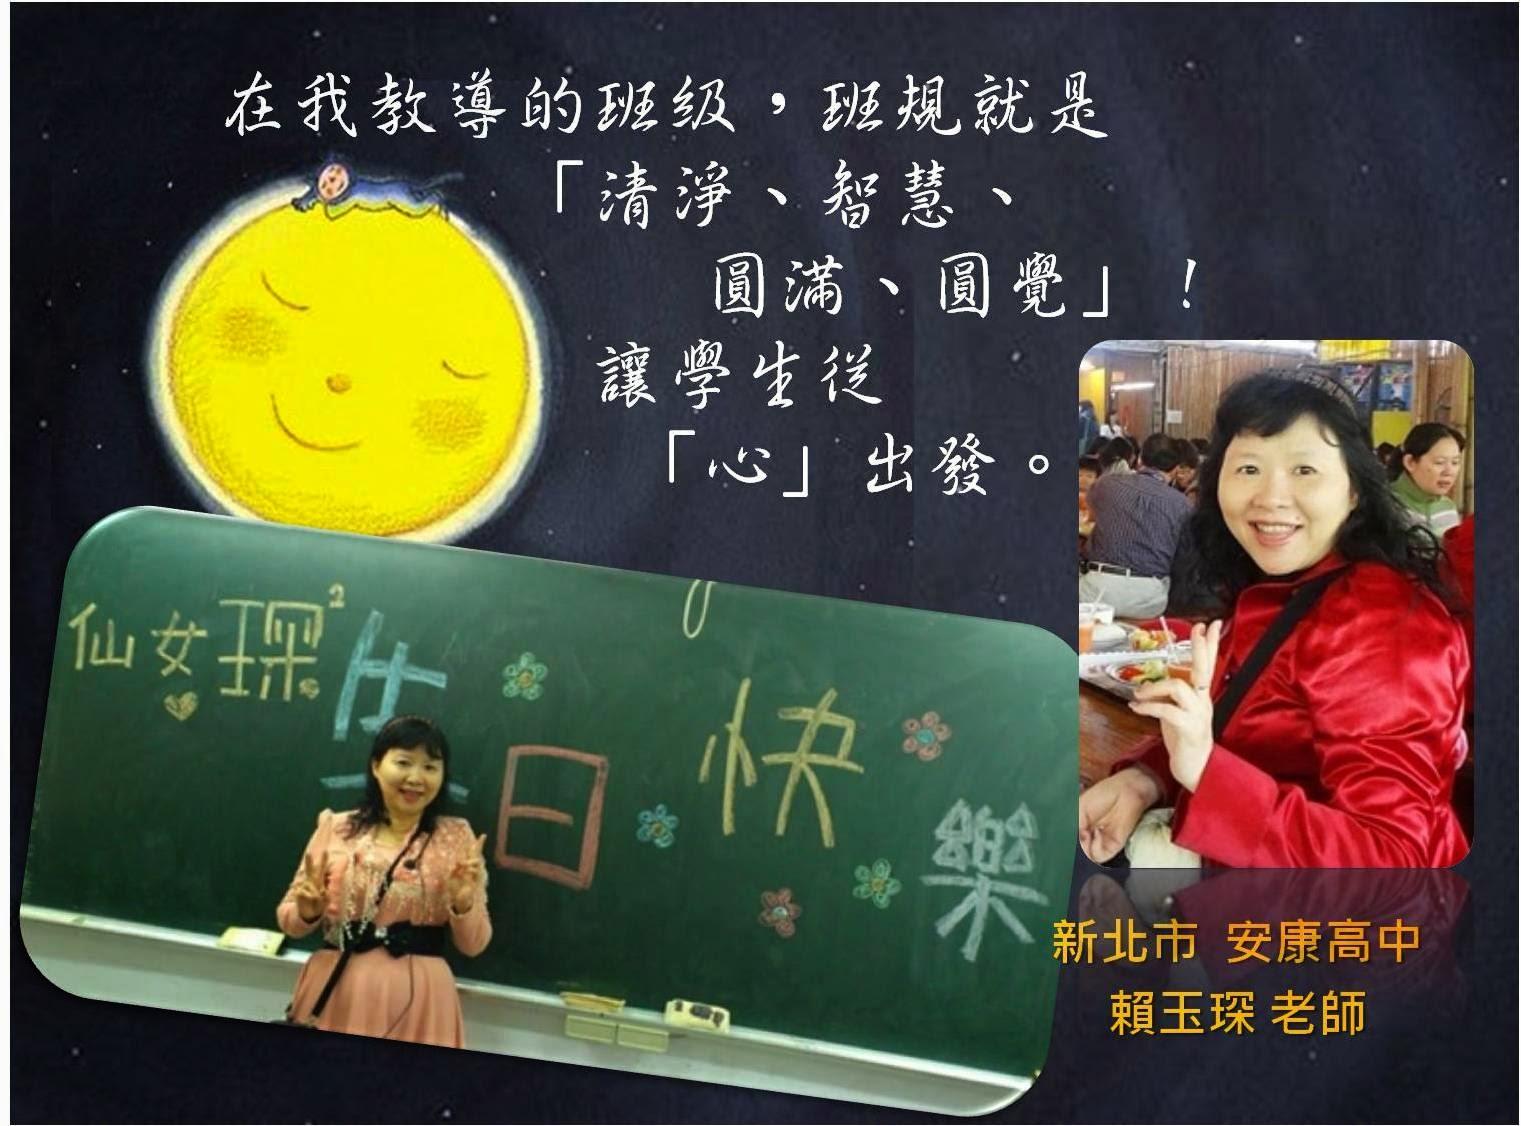 禪修天堂~就是那道光!: 05/01/2014 - 06/01/2014